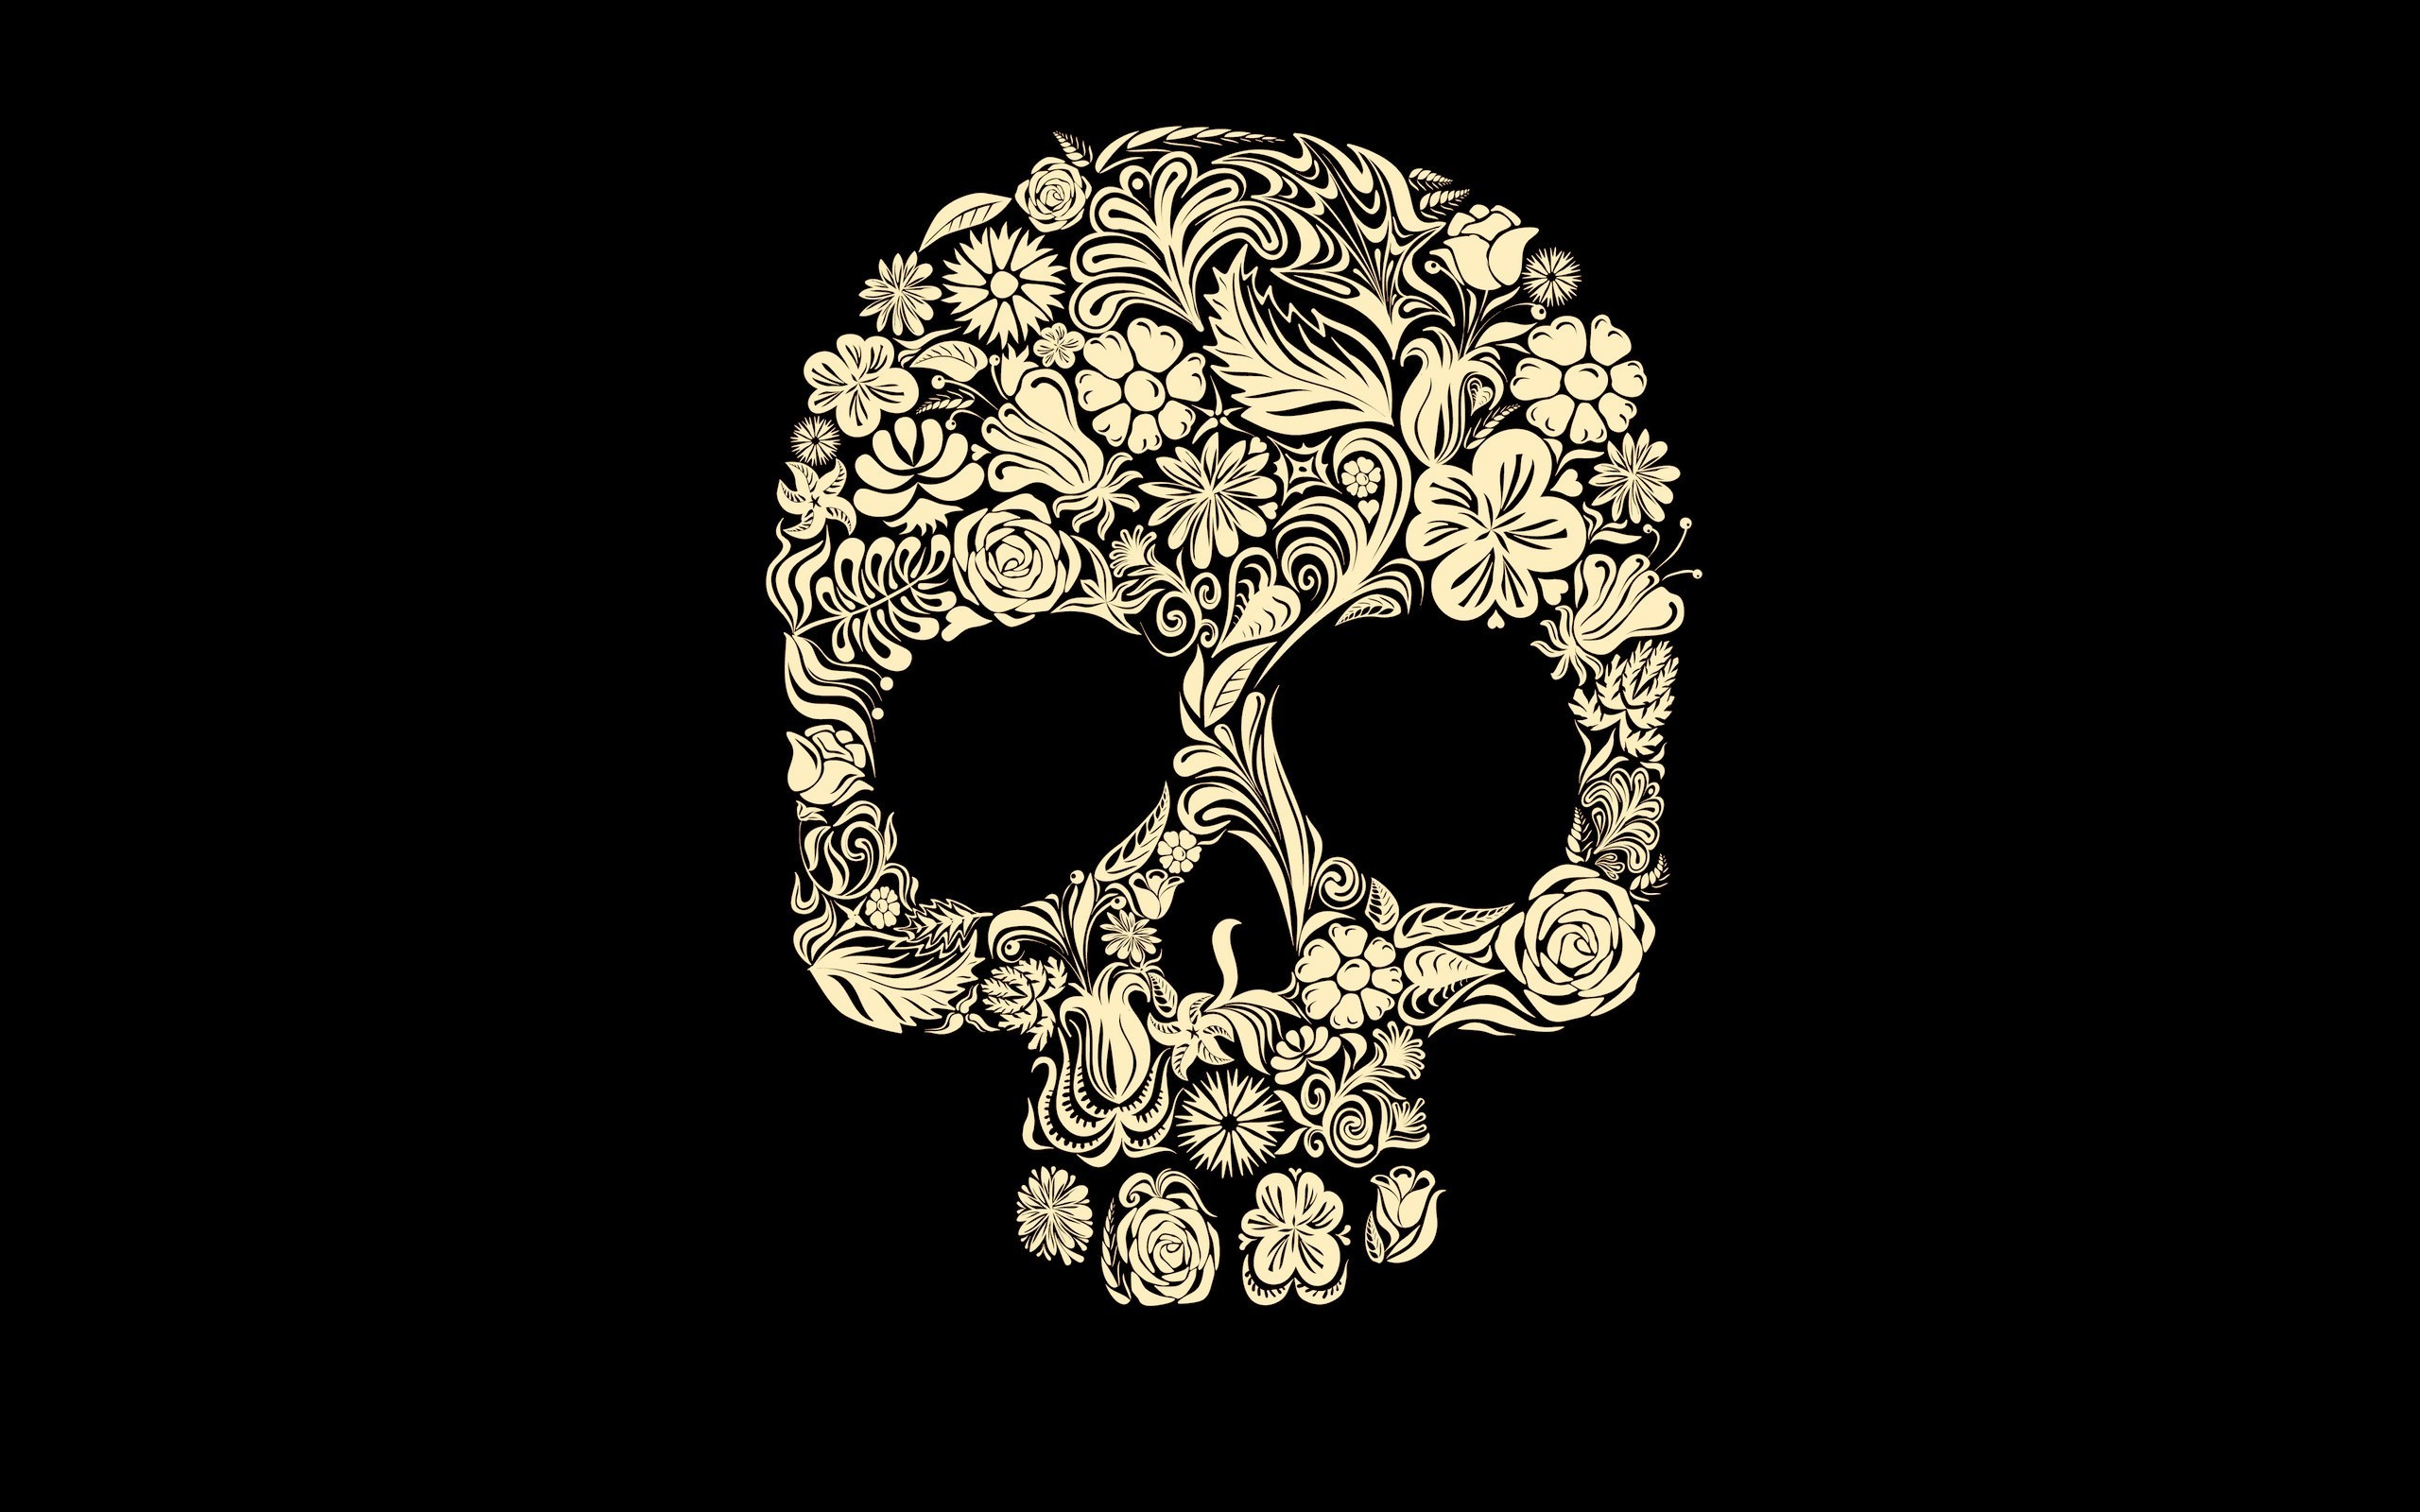 Cute Girly Skull Wallpapers Digital Art Simple Background Minimalism Black